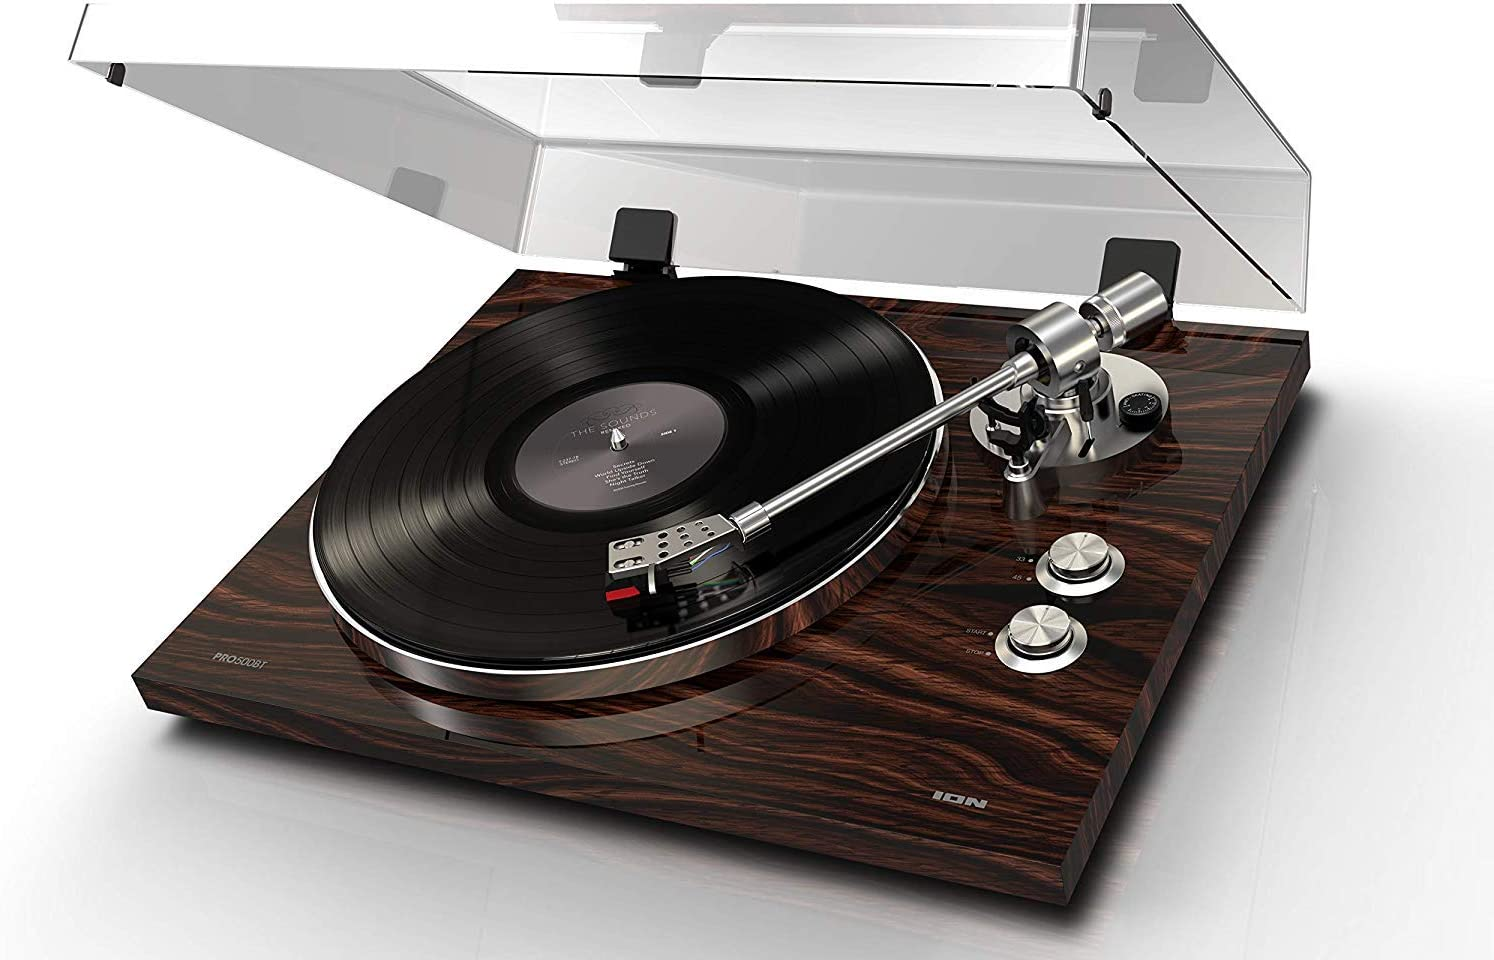 ION Audio PRO500BT - Giradiscos de Transmisión de Correa Premium Exquisitamente Diseñada para una Reproducción Musical Superior con Capacidad de Transmisión de Bluetooth Inalámbrica